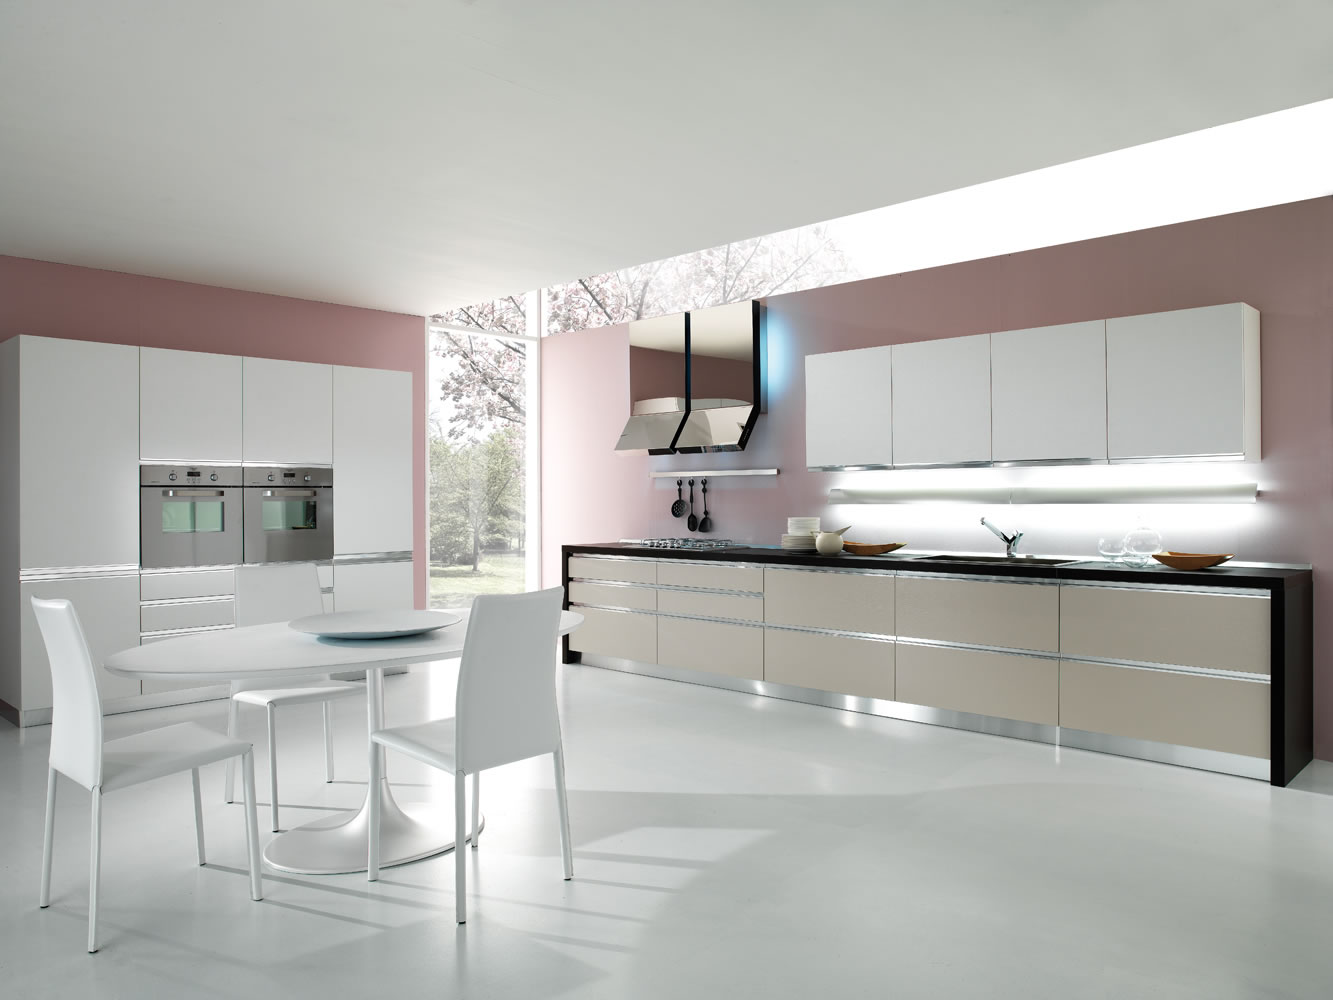 Una cocina para el relax cocinas con estilo - Suelos para cocinas modernas ...